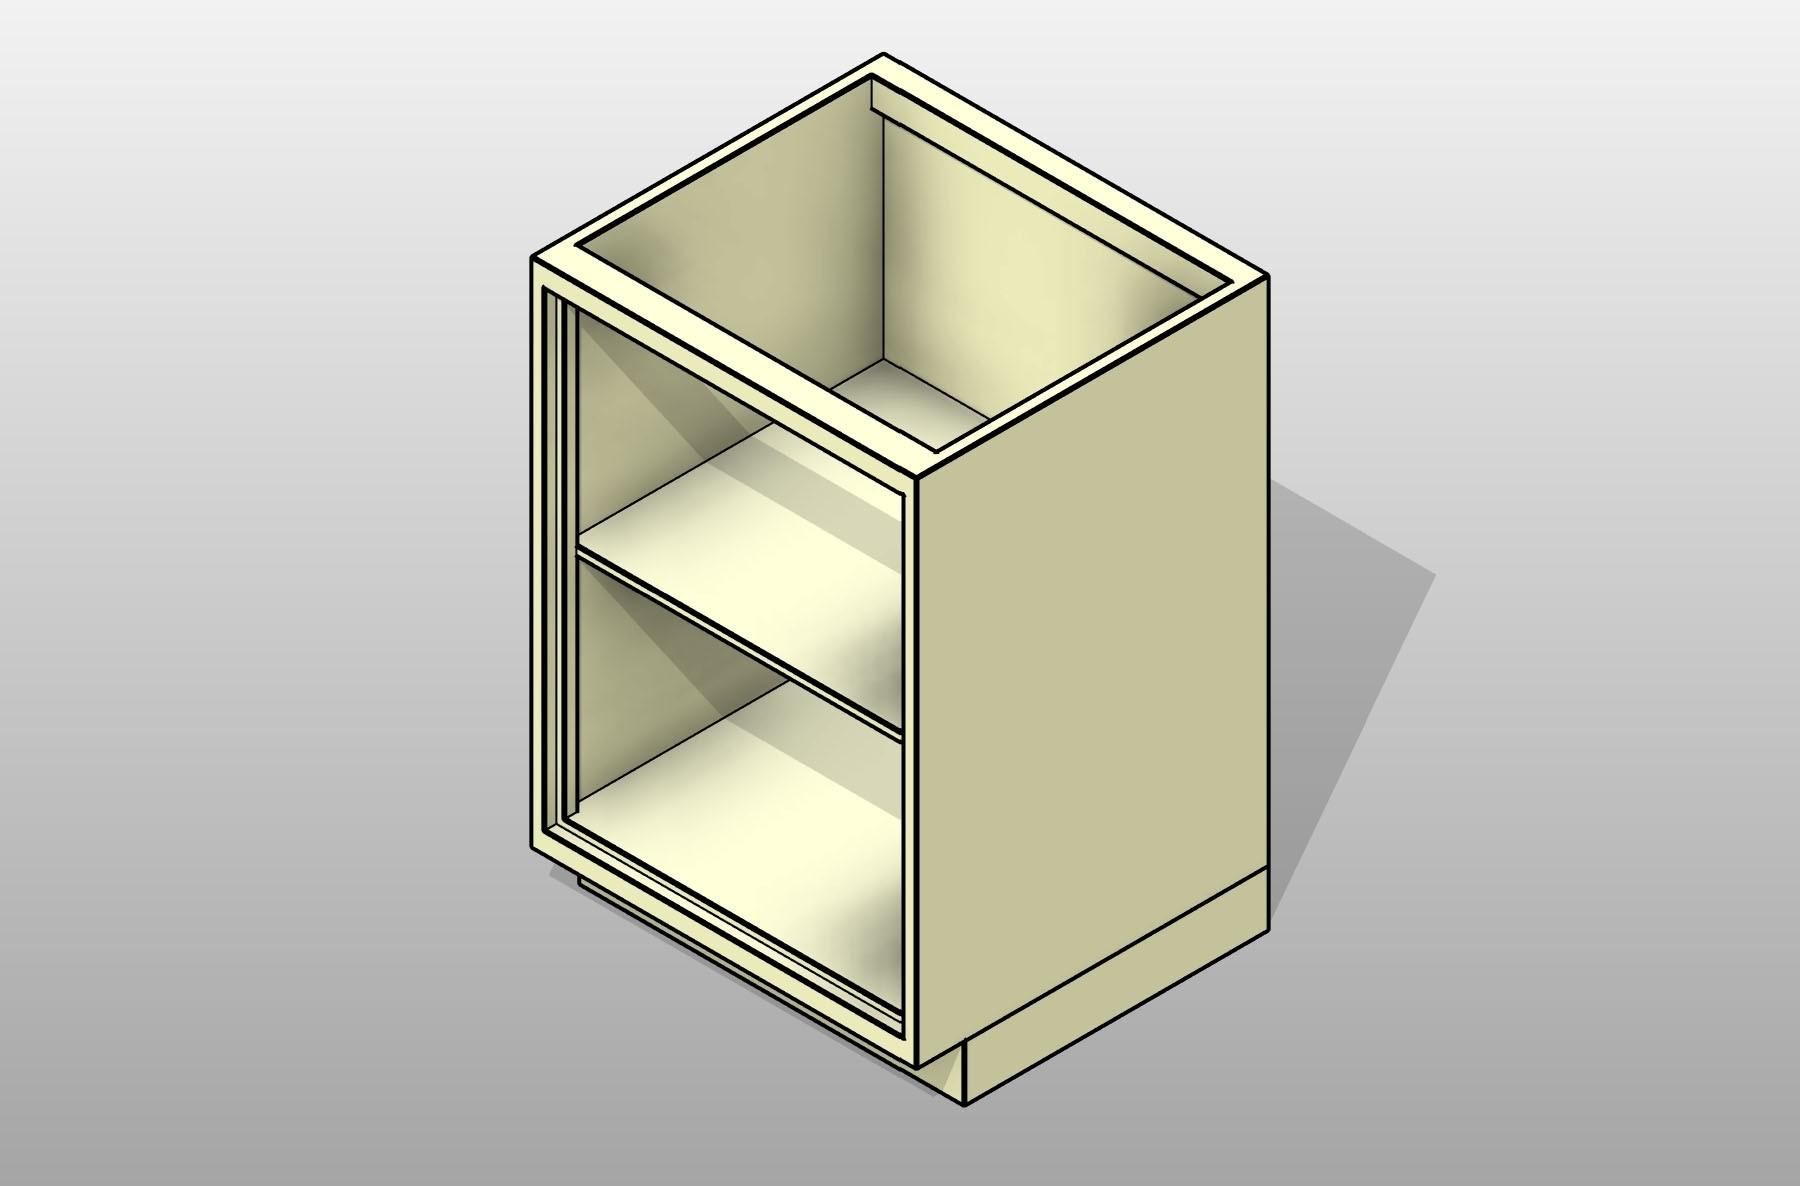 ssg-cabinet-lab-base-open-pcs-large